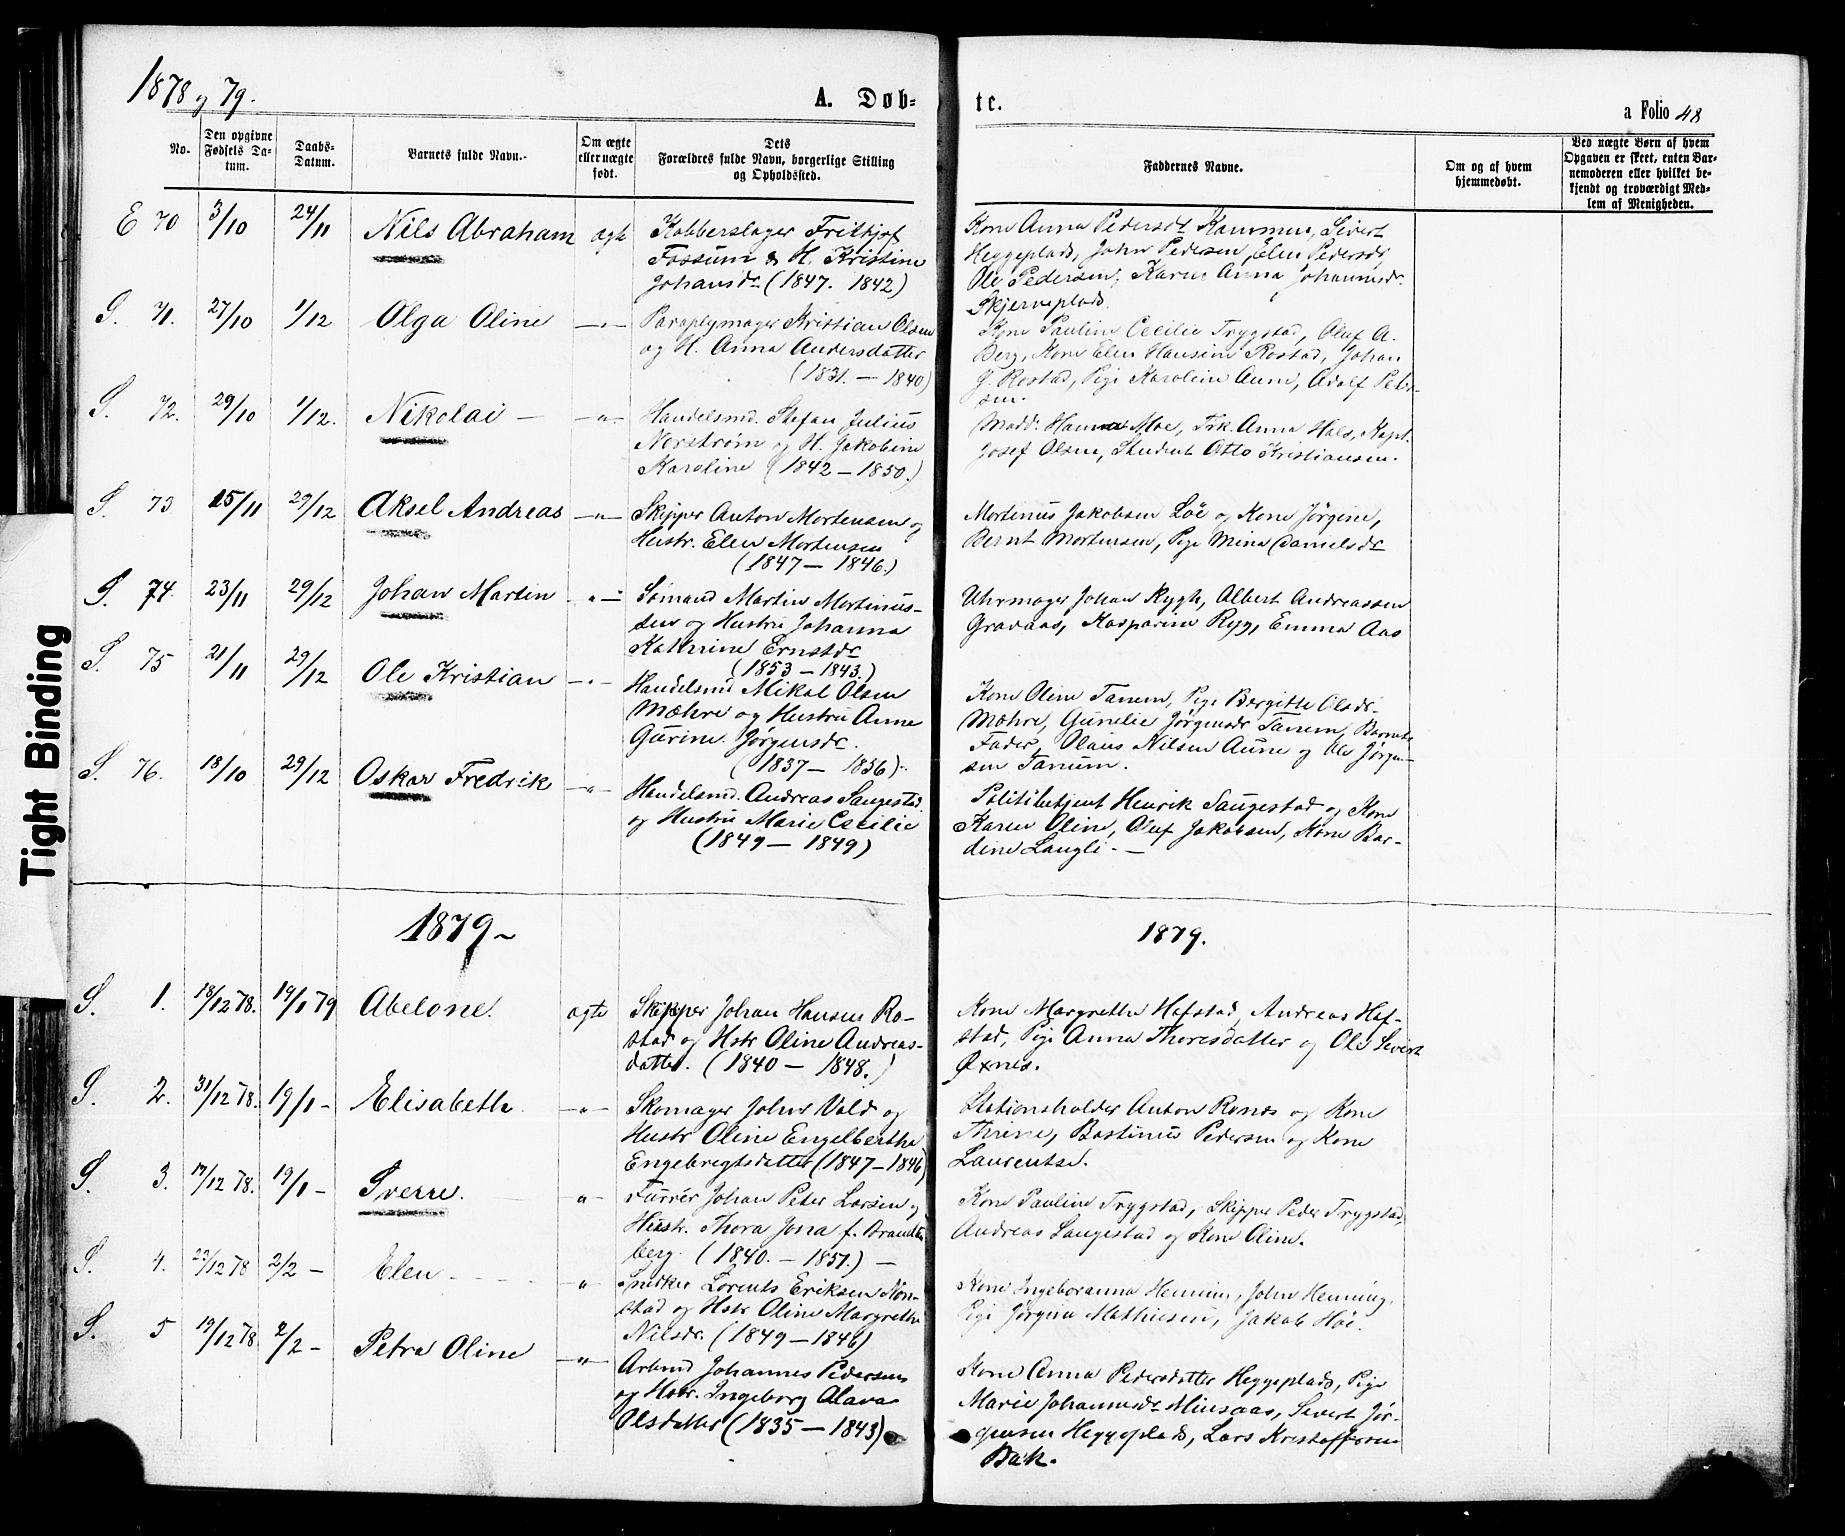 SAT, Ministerialprotokoller, klokkerbøker og fødselsregistre - Nord-Trøndelag, 739/L0370: Ministerialbok nr. 739A02, 1868-1881, s. 48